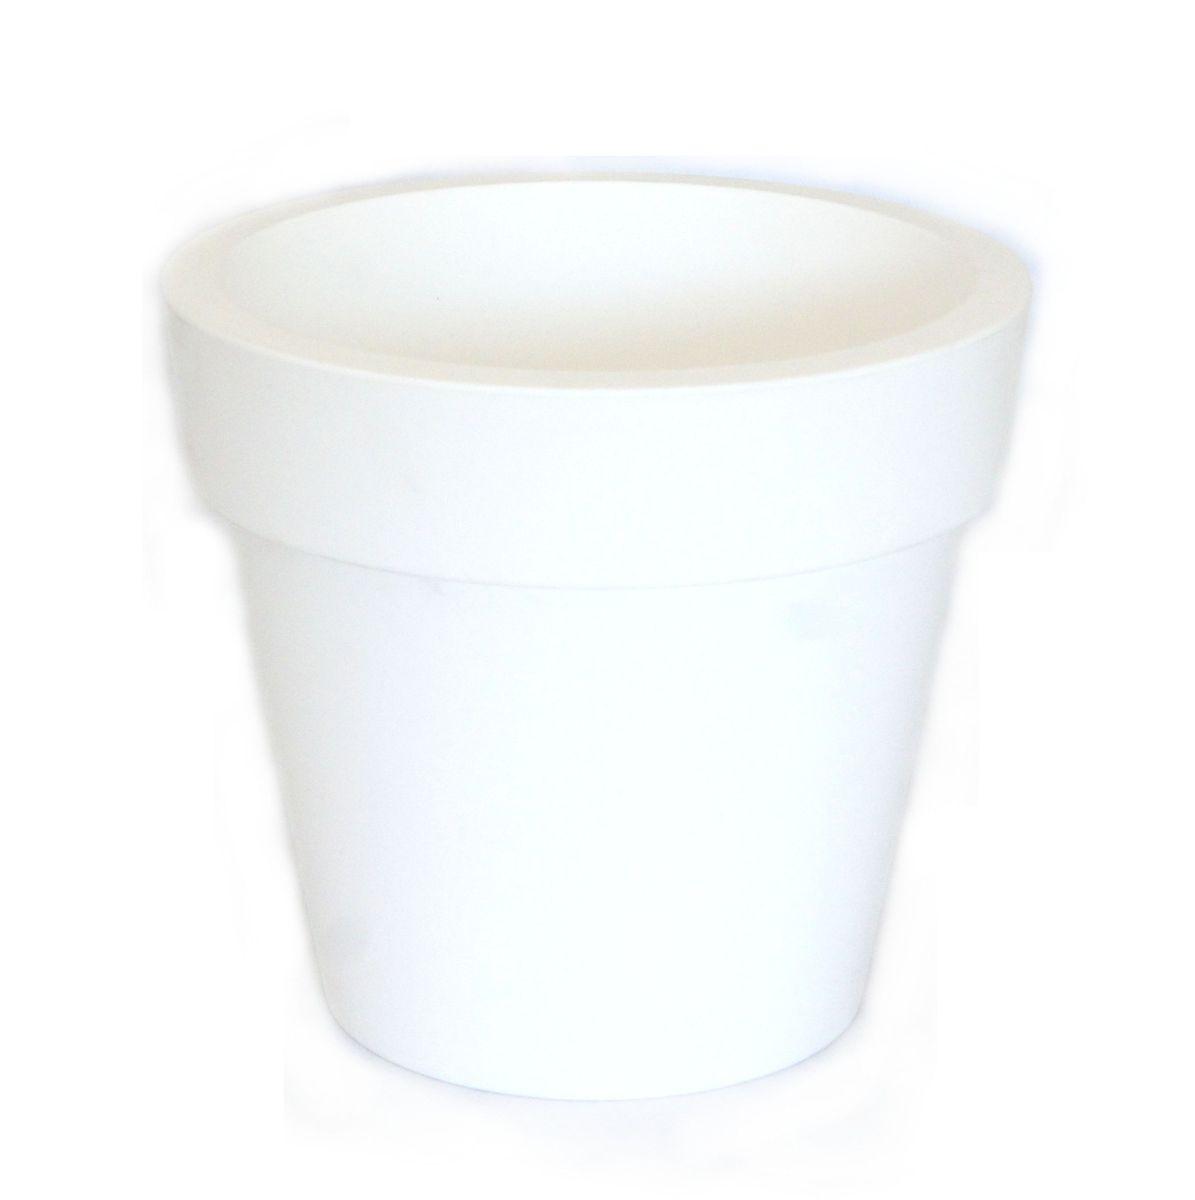 Кашпо JetPlast Порто, со вставкой, цвет: белый, 1 л4612754052561Кашпо JetPlast Порто выполнено из полипропилена. Оно имеет классическую форму с внутренней вставкой-горшком. Дренажная вставка позволяет легко поливать растения без использования дополнительного поддона. Вместительный объем кашпо позволяет высаживать самые разнообразные растения, а съемная вставка избавит вас от грязи и подчеркнет красоту цветка.